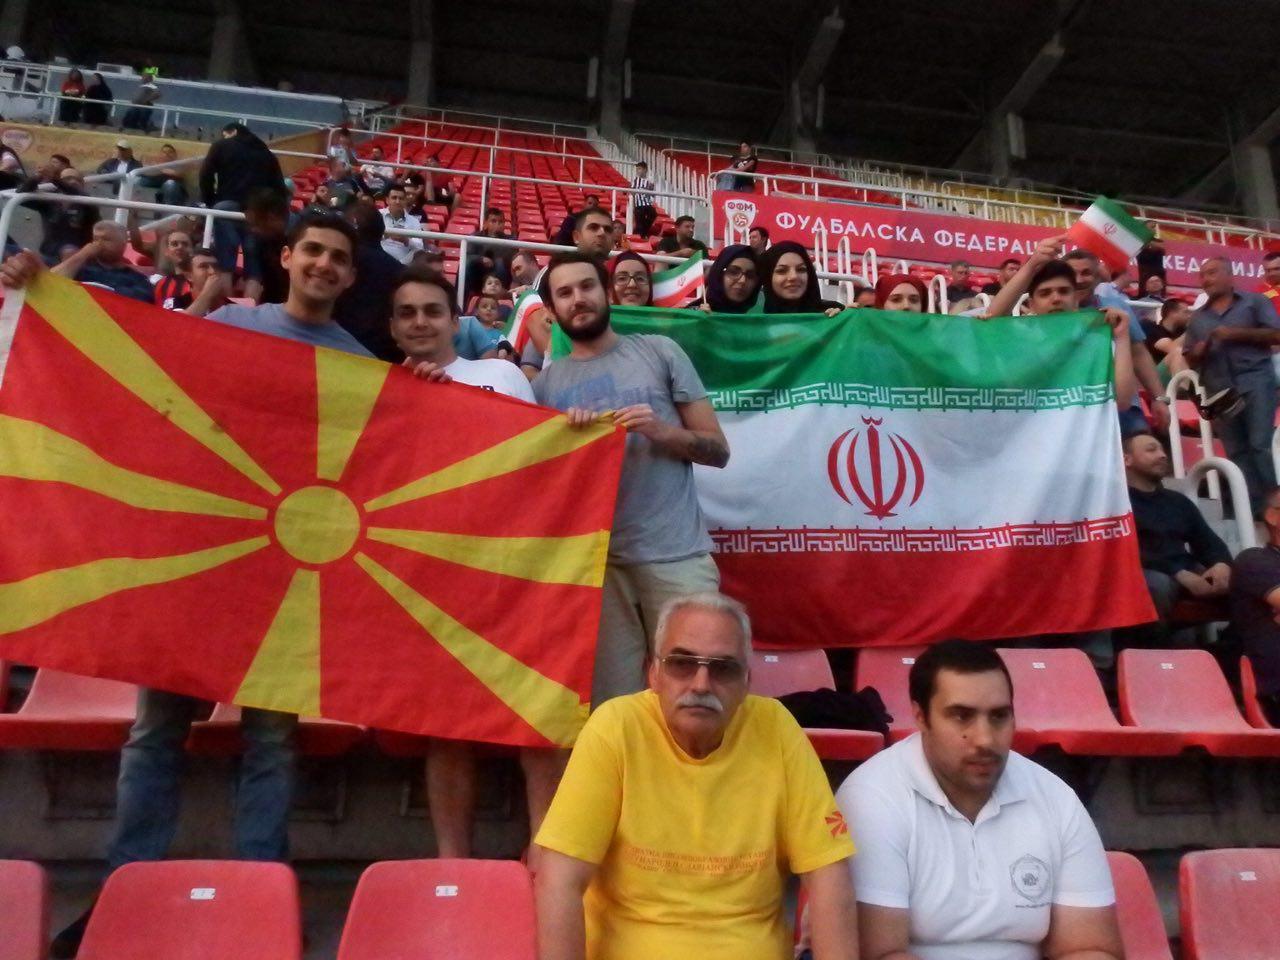 تصاویری از ورزشگاه شهر اسکوپیه